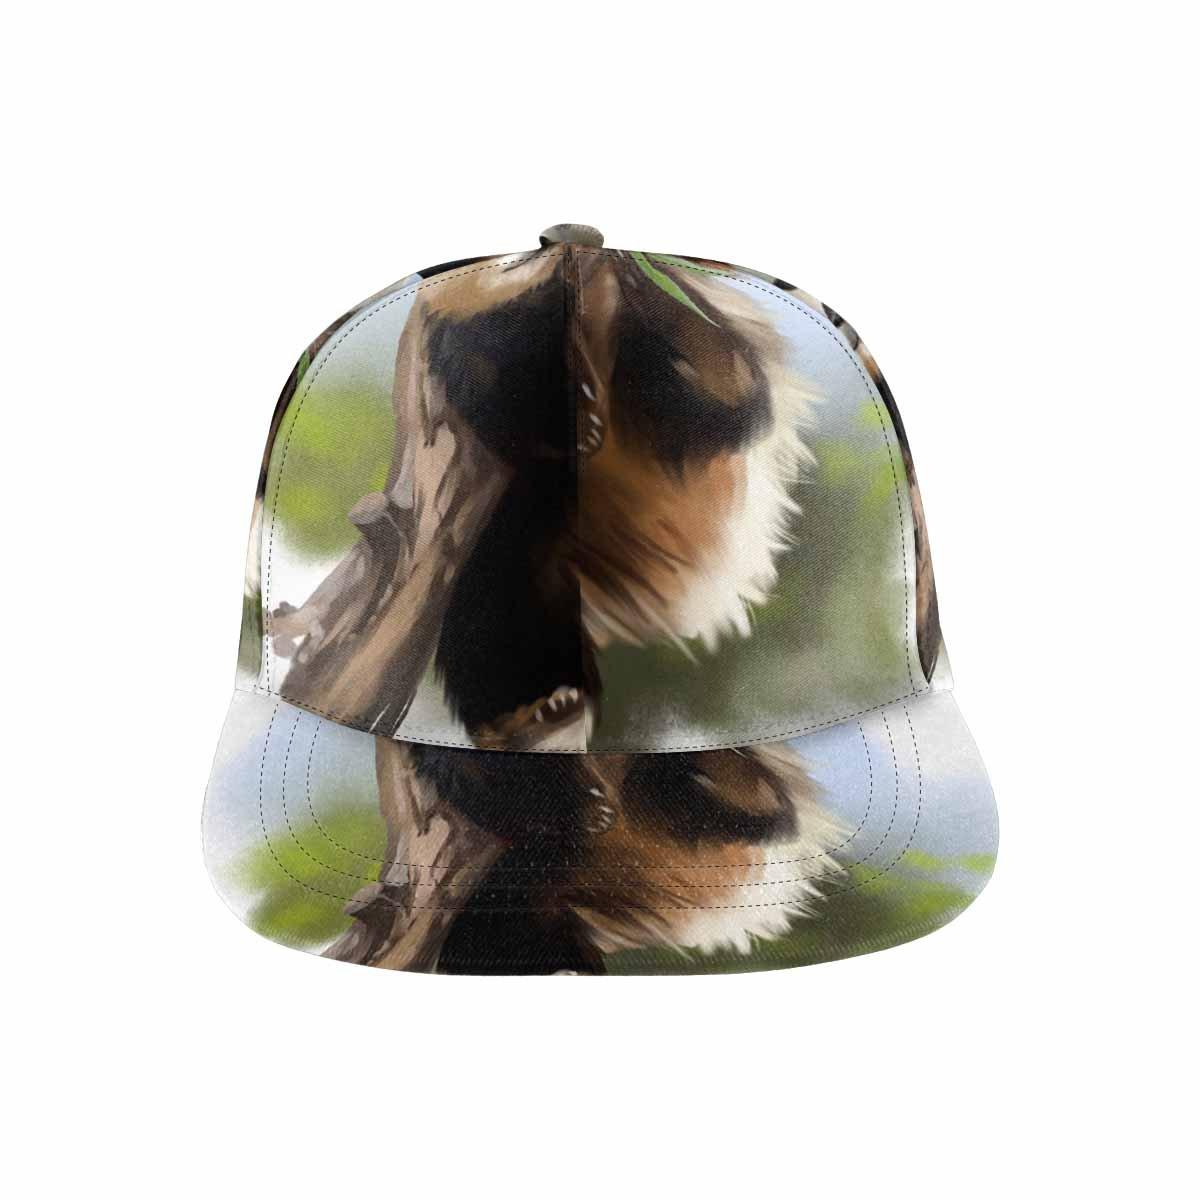 InterestPrint Outdoor Sport Trucker Cap Hats for Men and Women